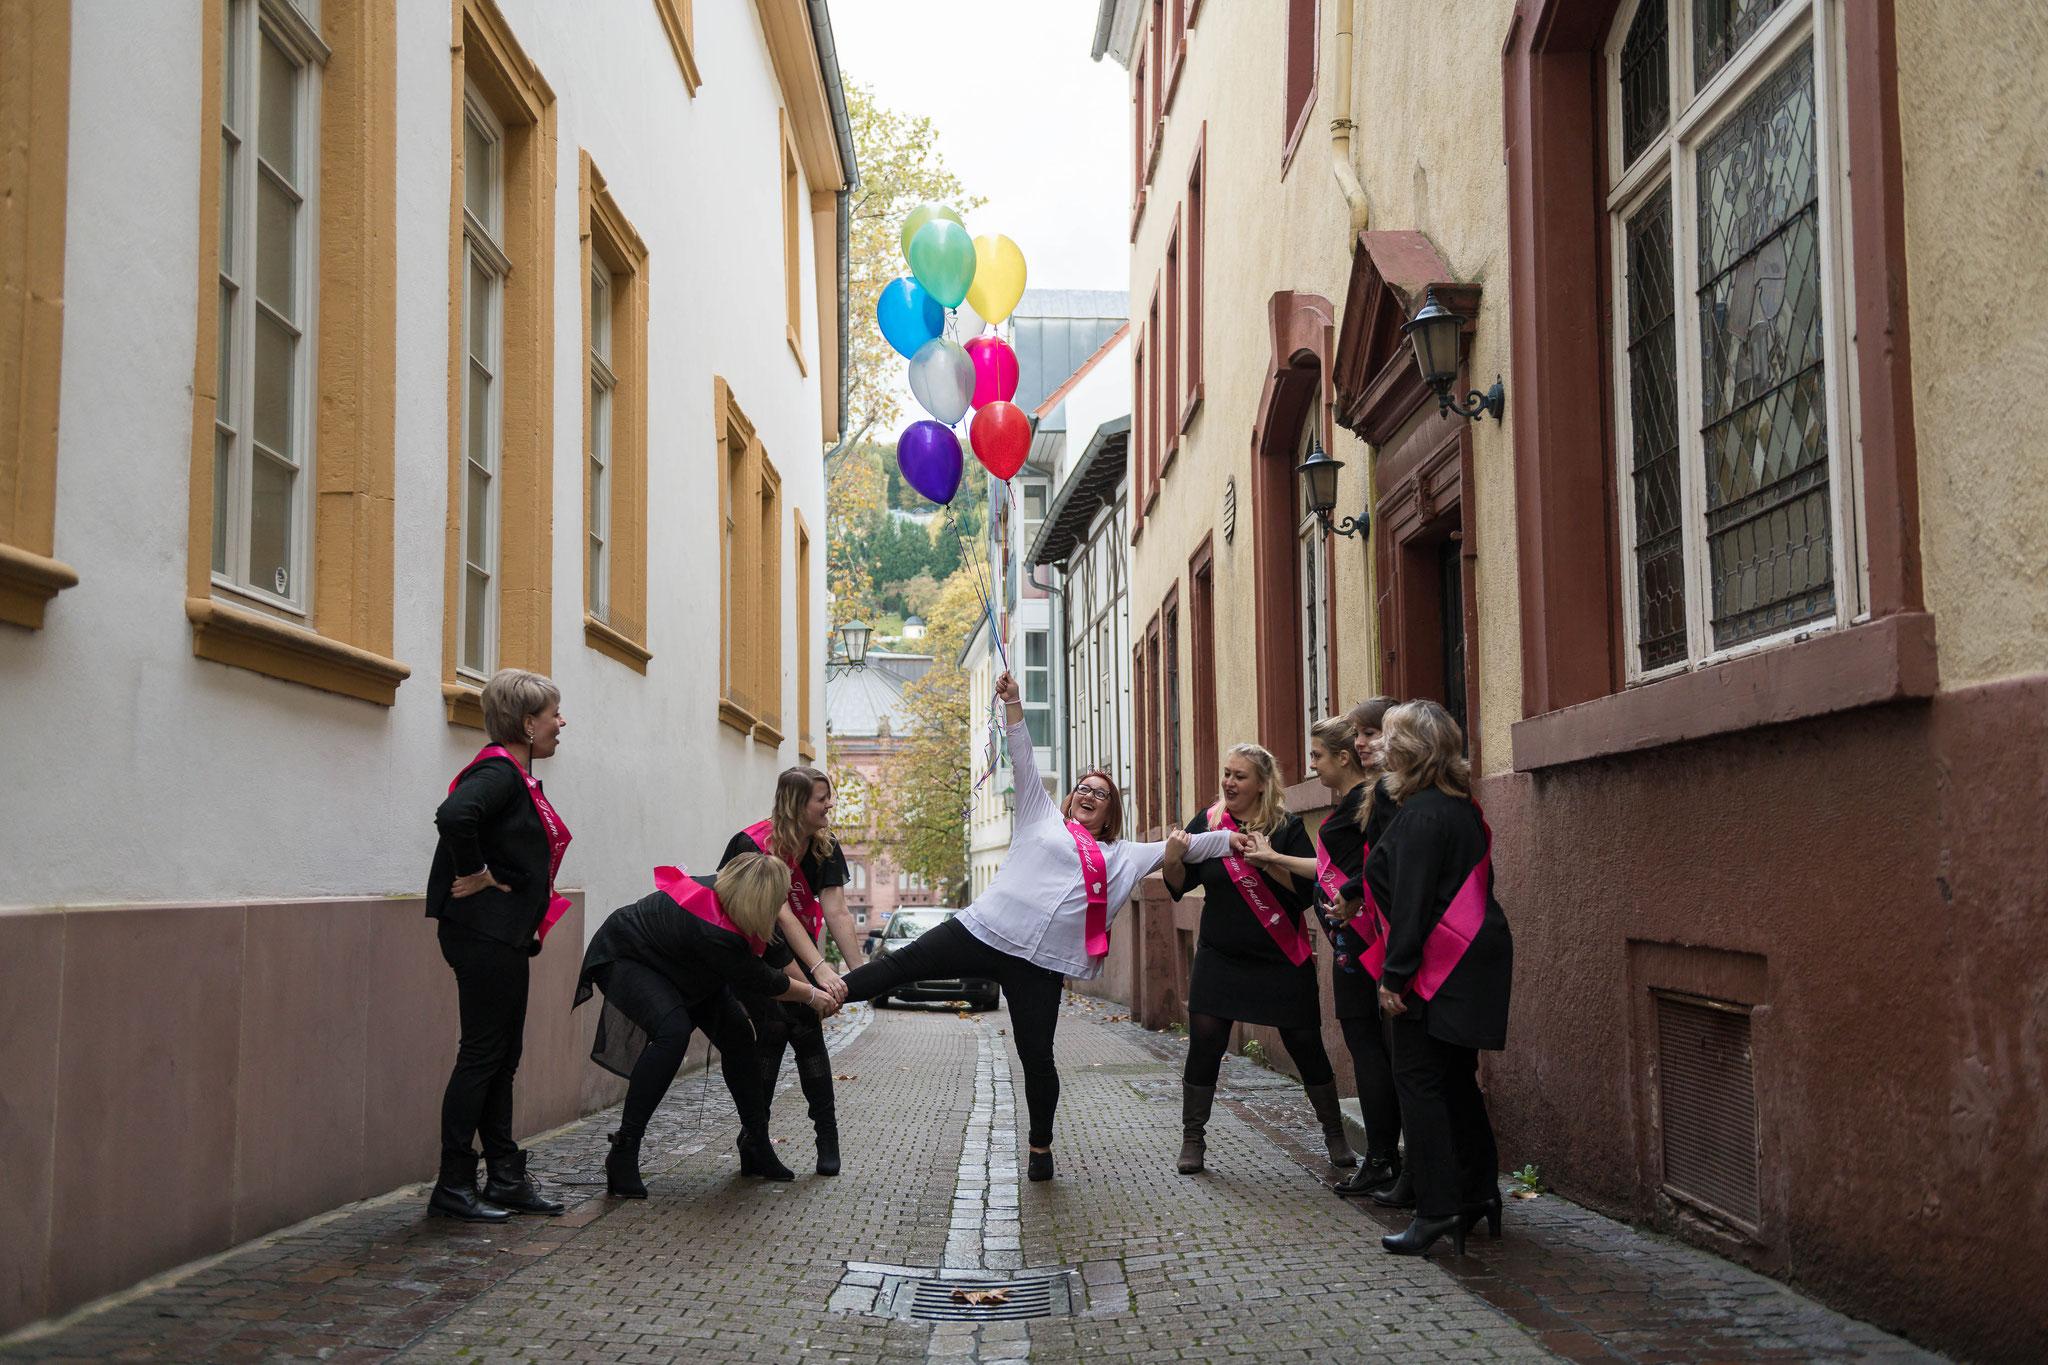 Fotograf für Junggesellenabschied in Heidelberg und Umgebung